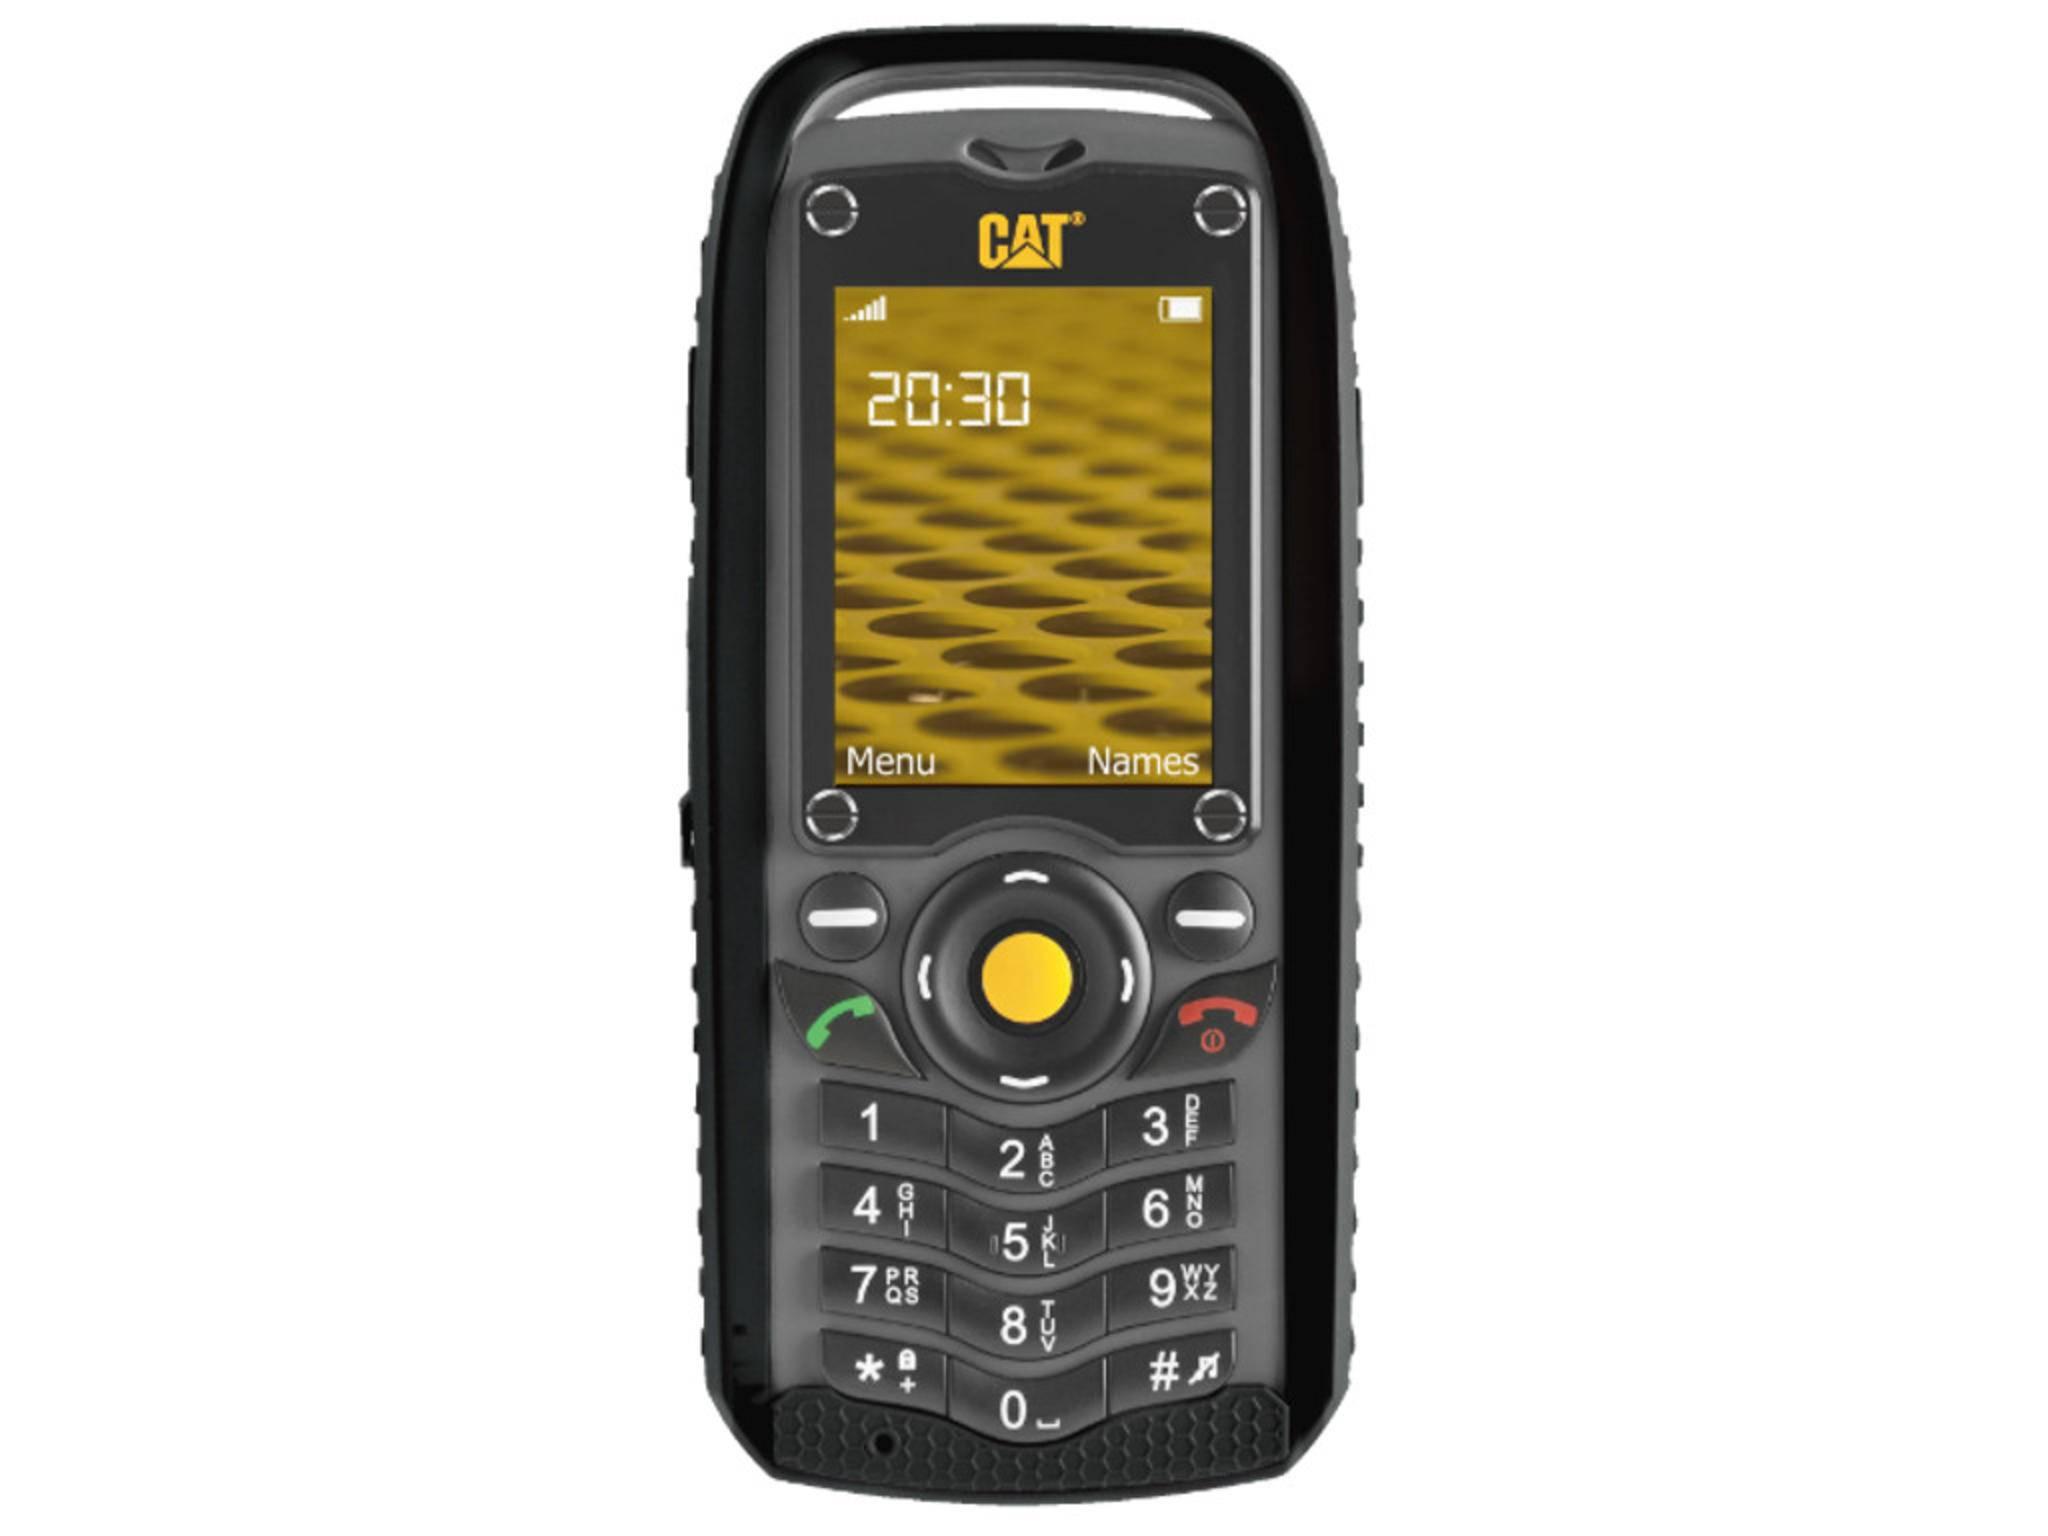 Das CAT B25 ist eher klassisches Handy als Smartphone, ist aber IP67-zertifiziert.